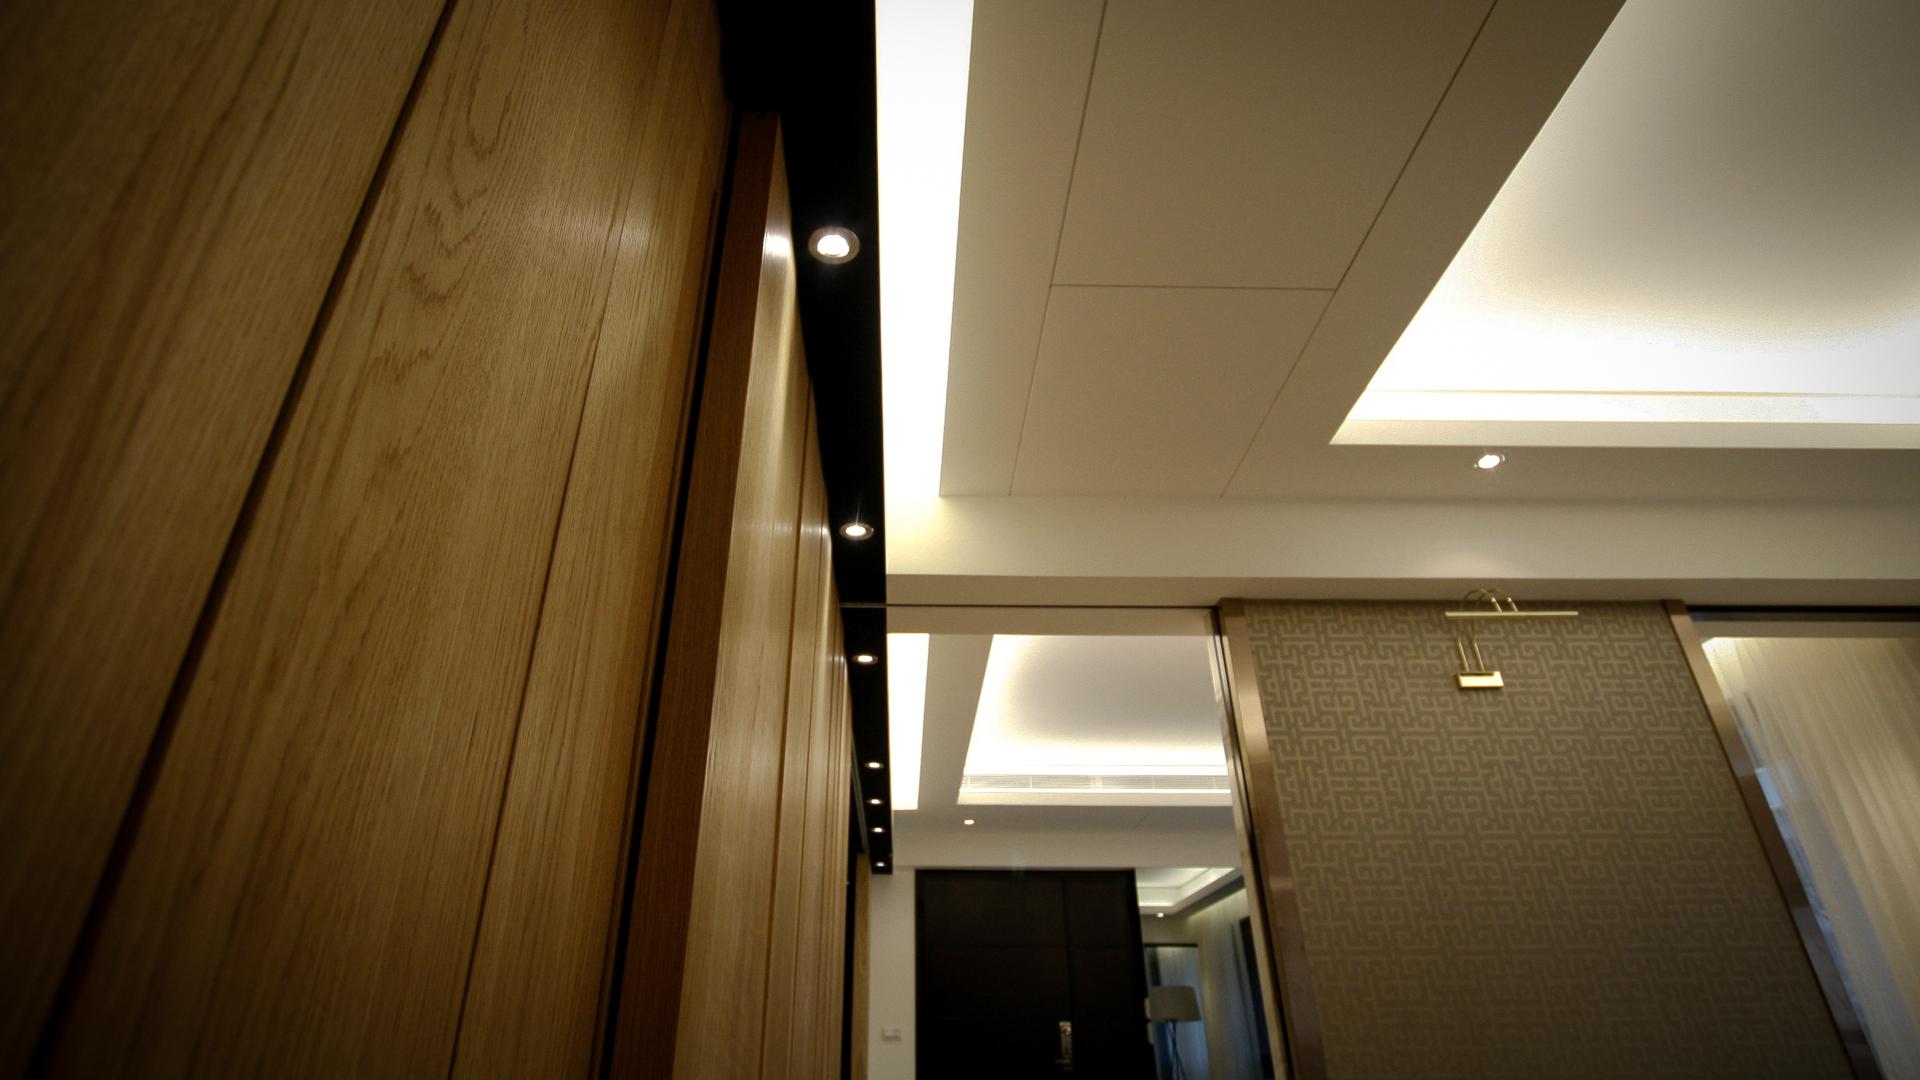 0010_室內設計師推薦風格人文東方風Zen style-11